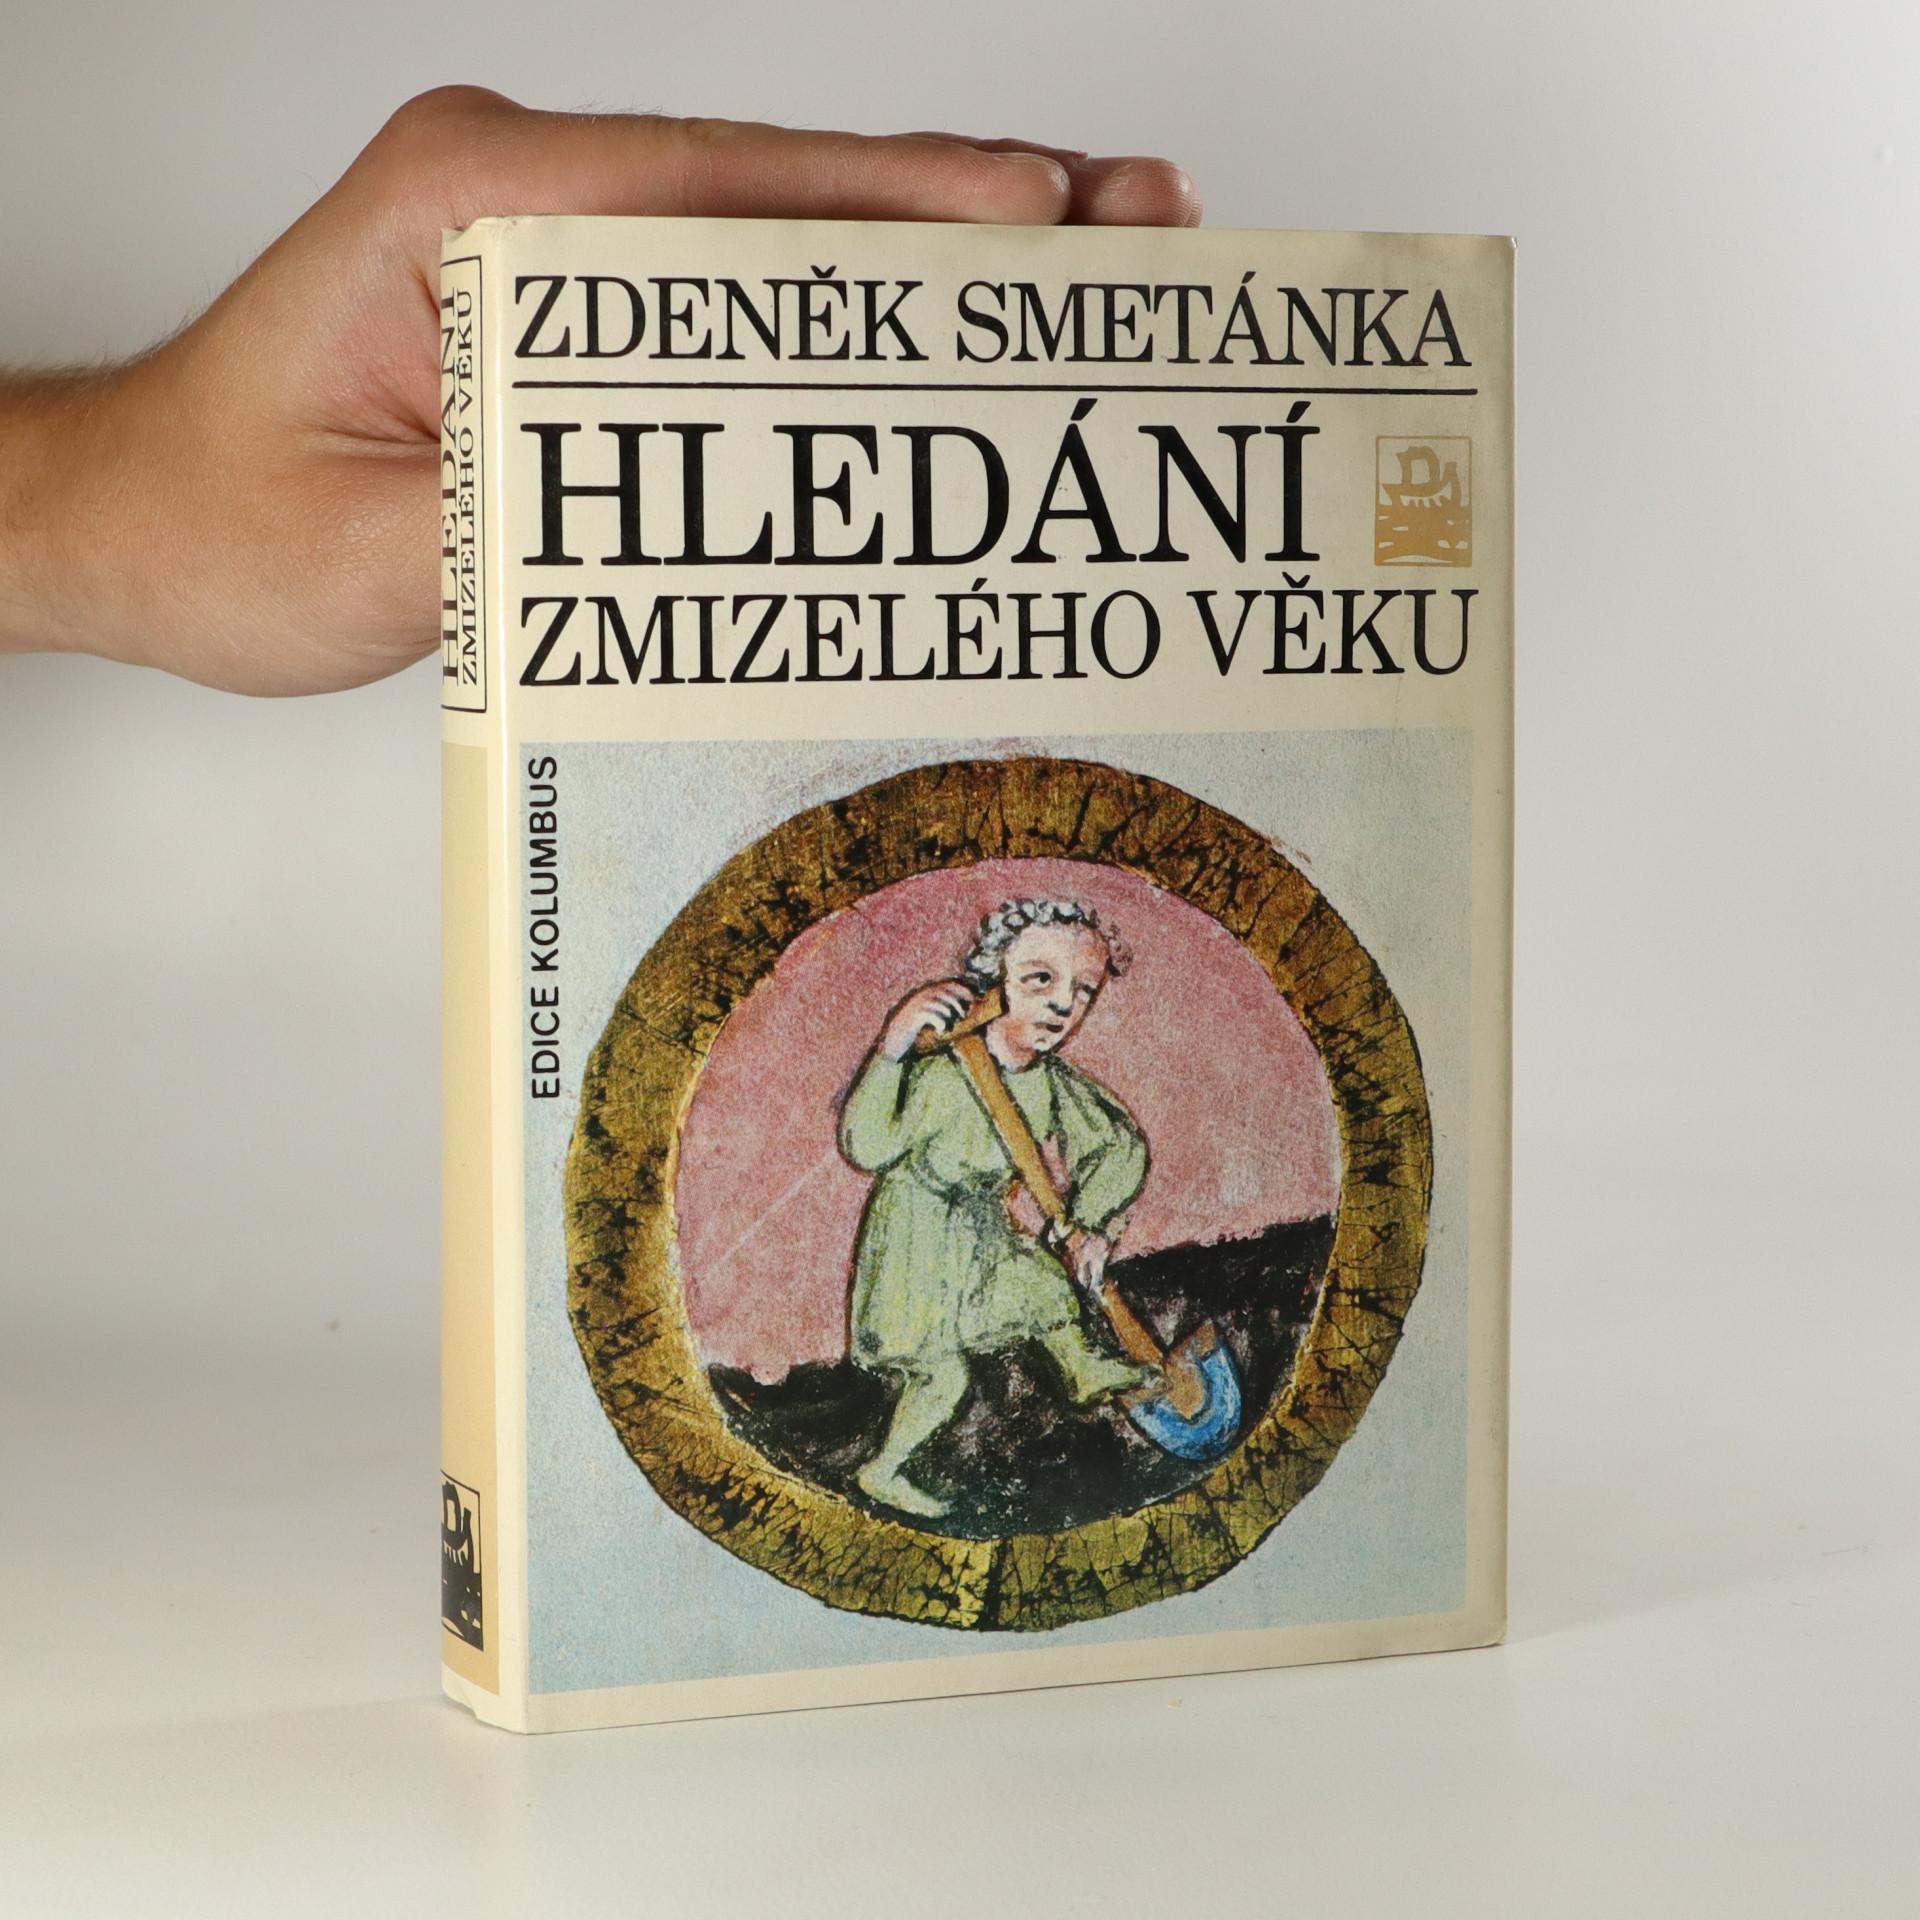 antikvární kniha Hledání zmizelého věku, neuveden